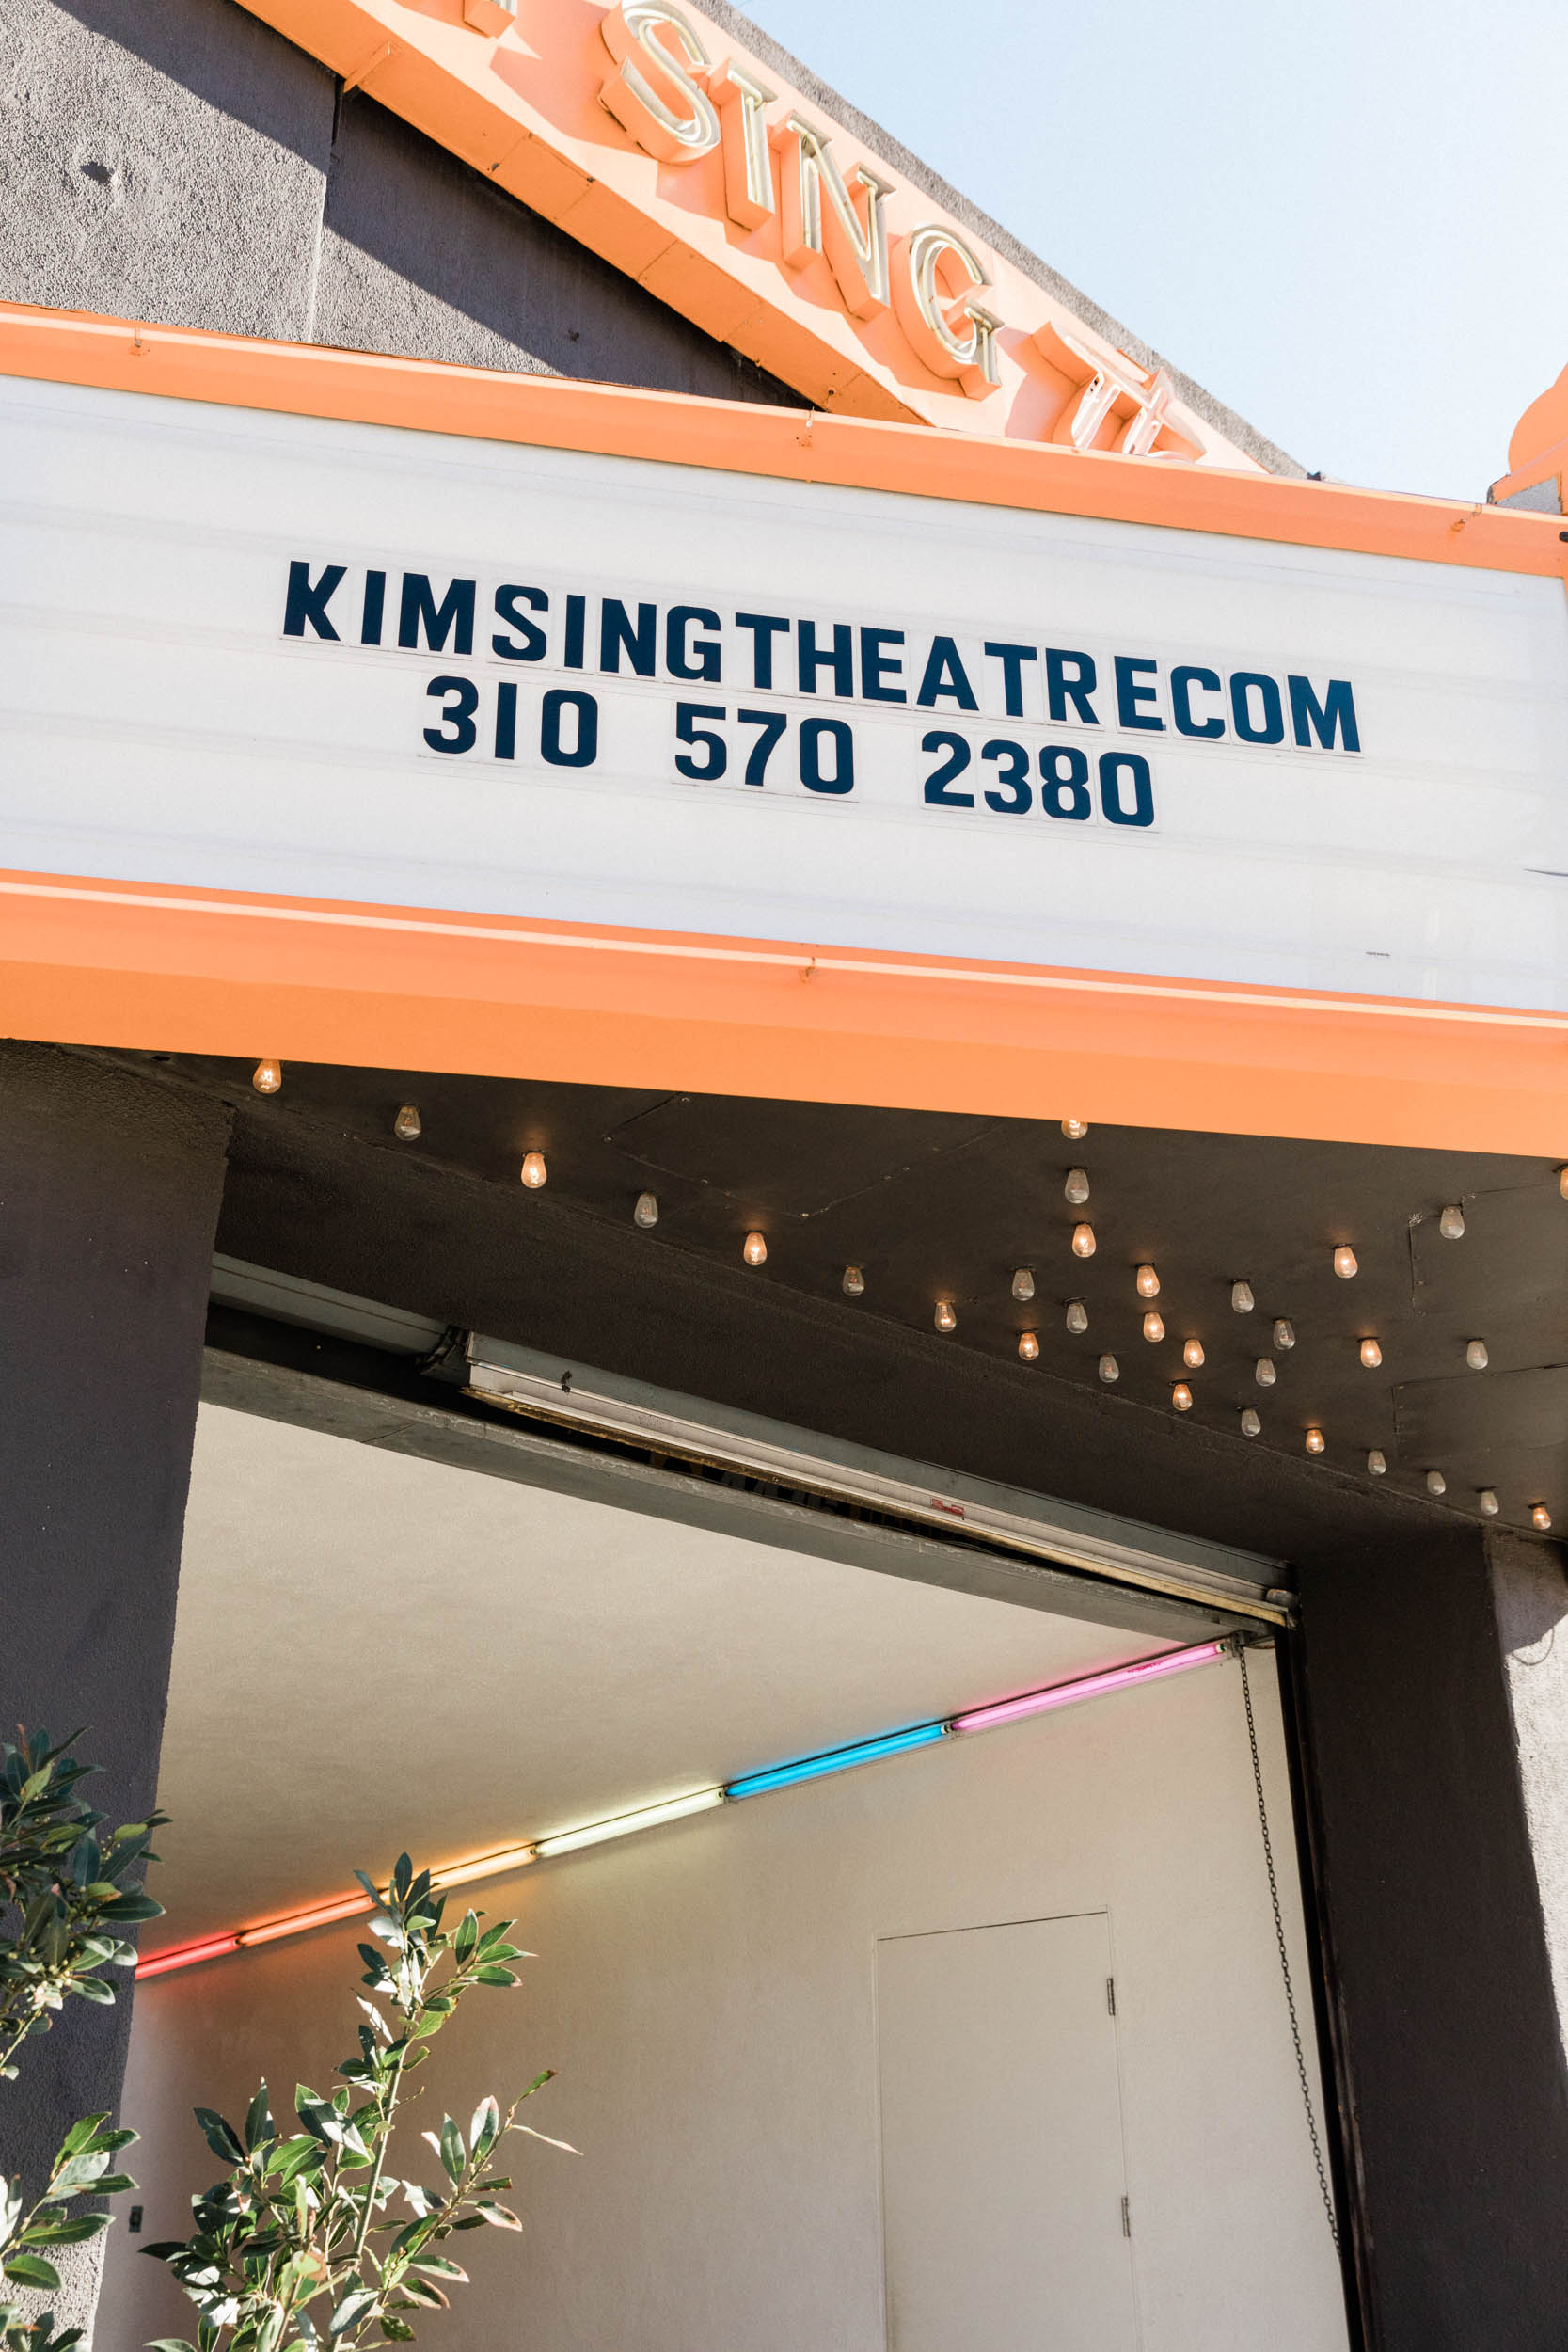 Kim Sing Theatre exterior